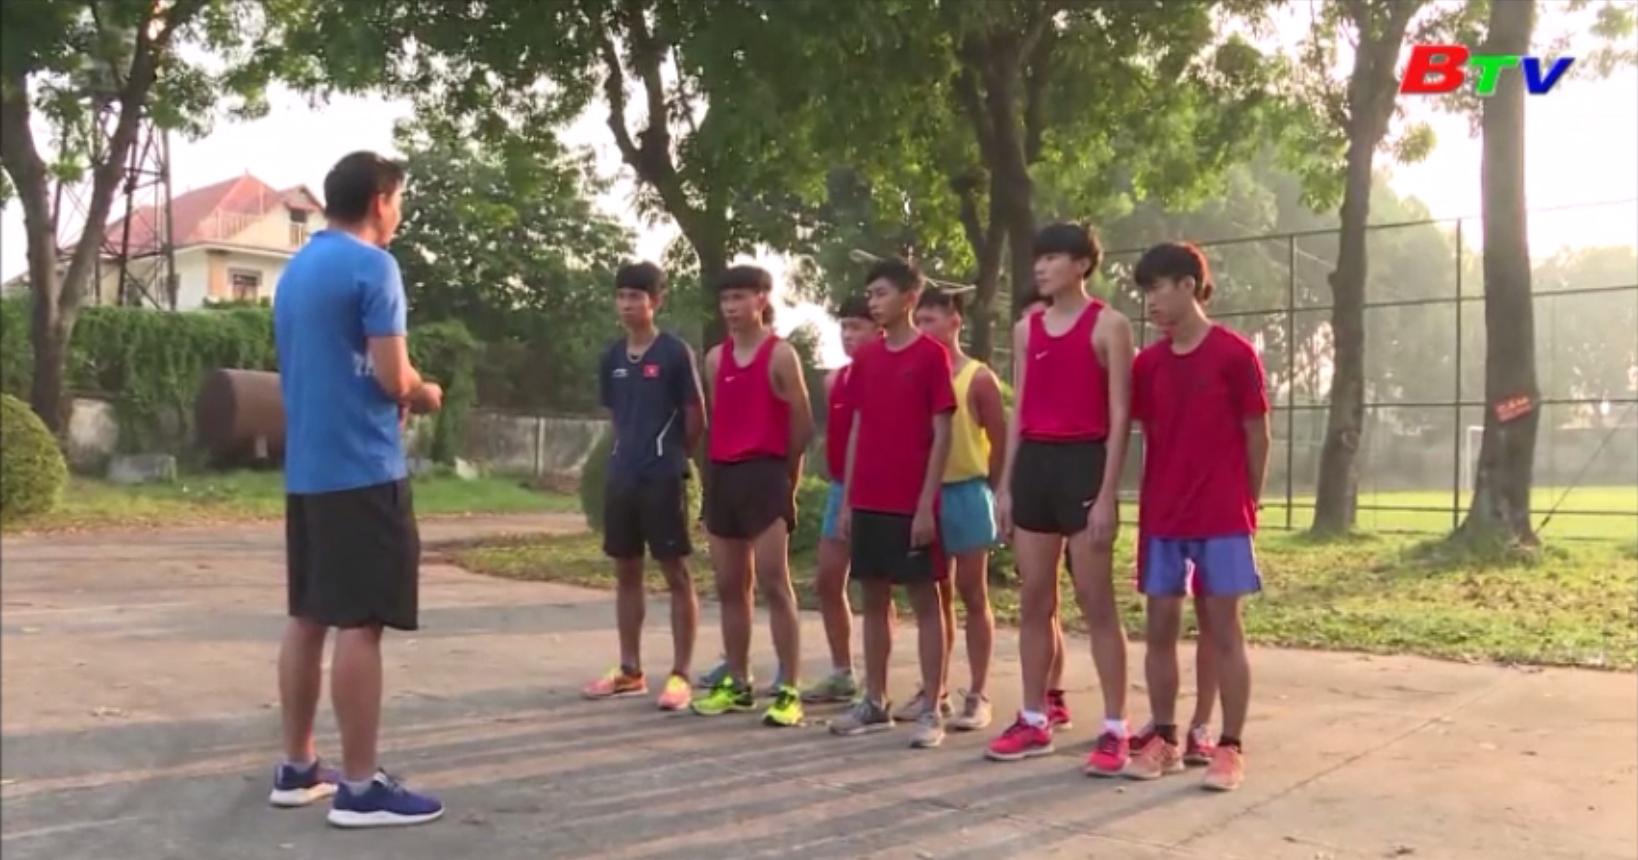 Đội tuyển điền kinh Bình Dương chuẩn bị Giải Việt dã Chào năm mới BTV Number 1 lần thứ XXI năm 2020